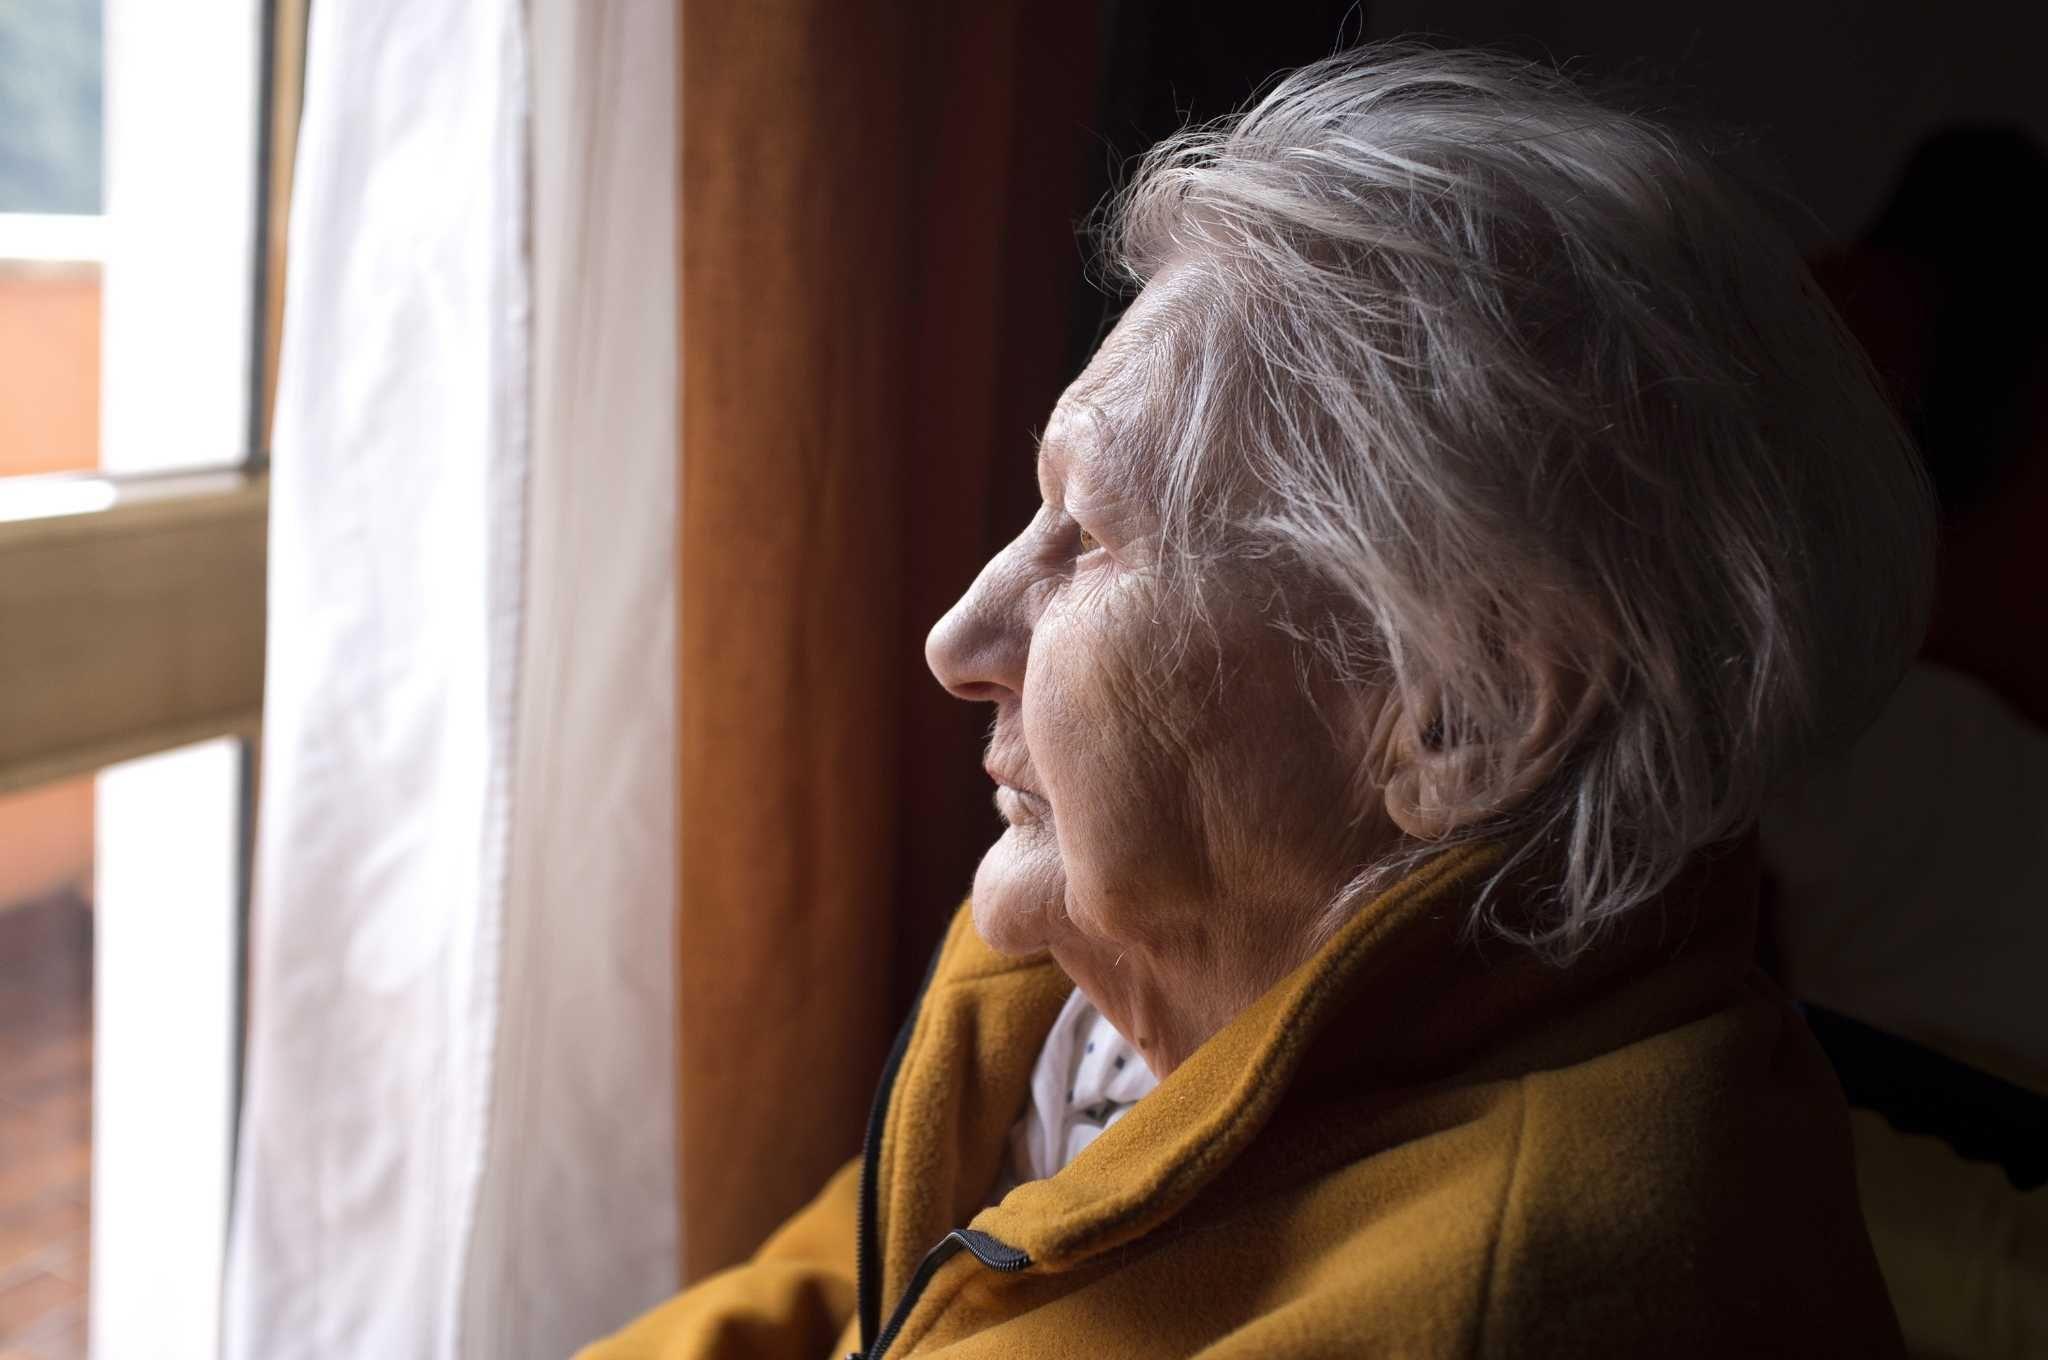 Gutting Medicaid Lewy body dementia, Alzheimers, Signs